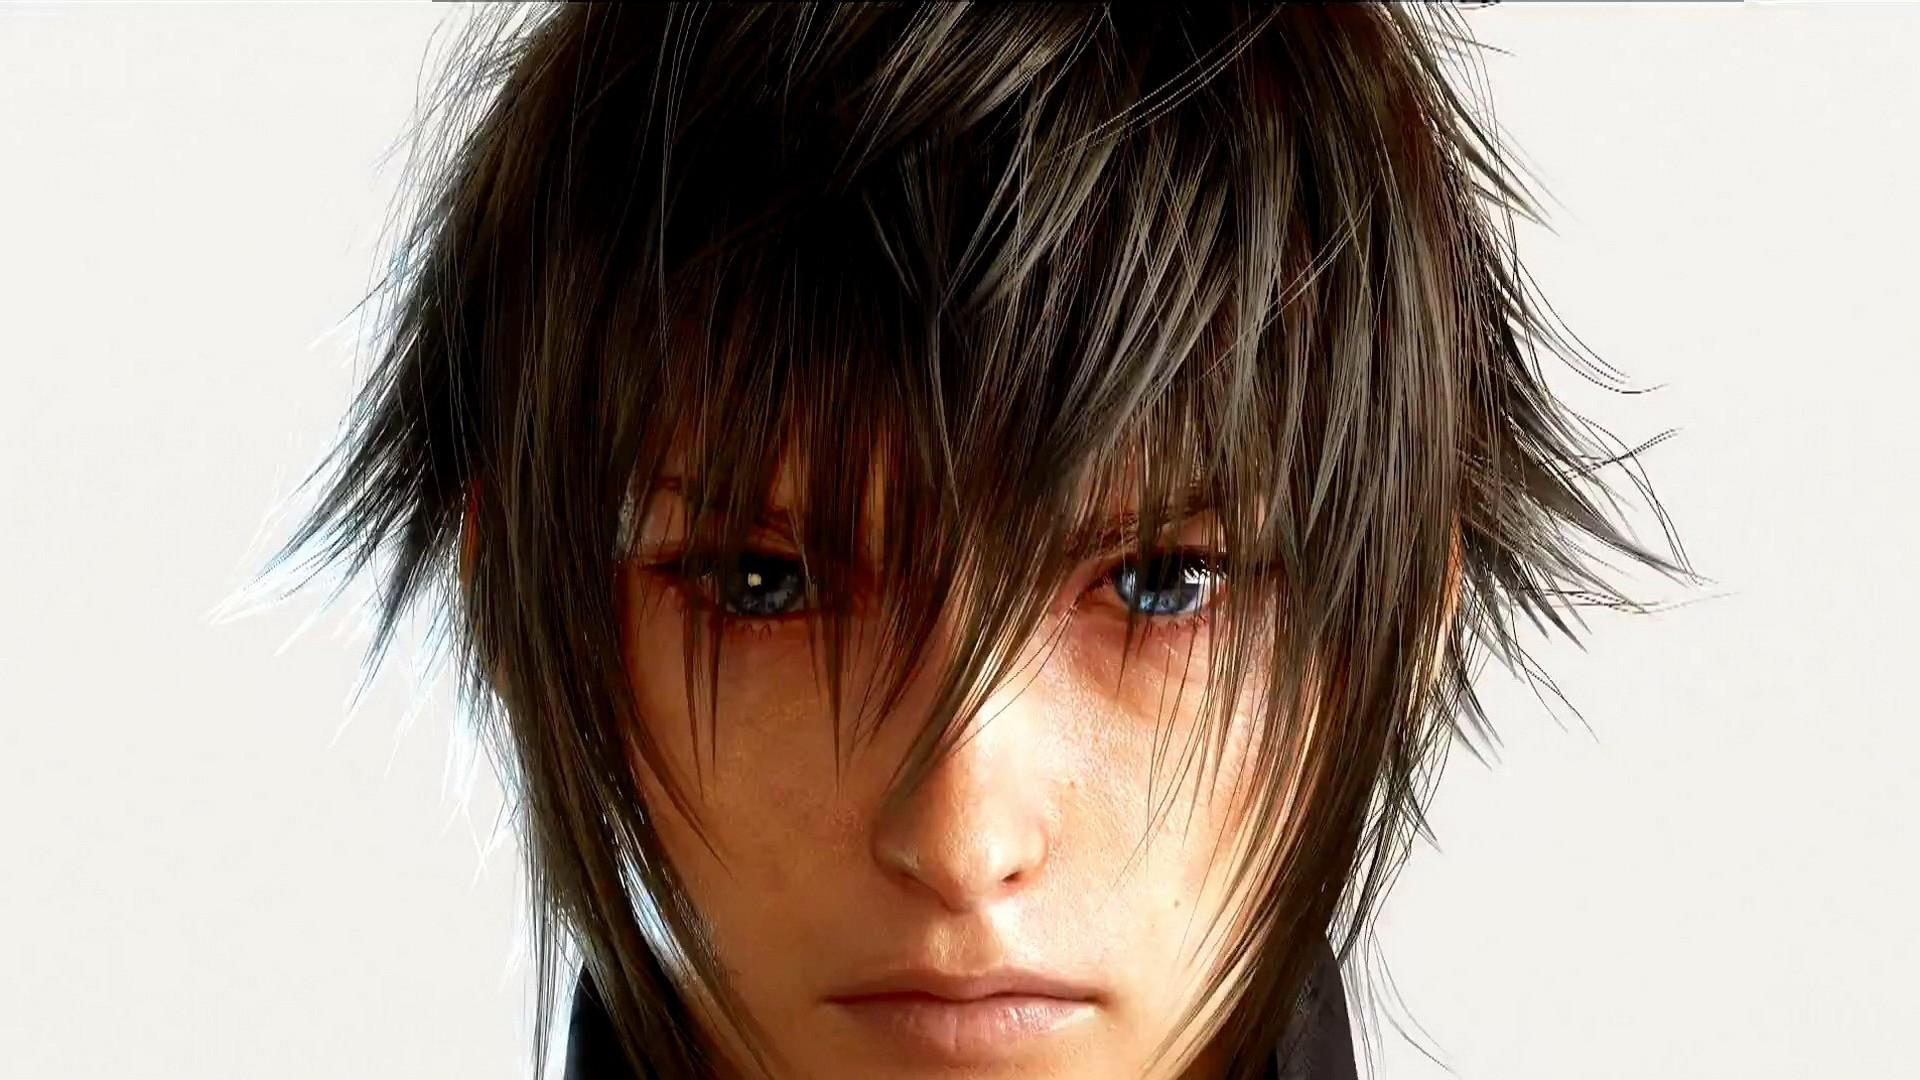 Final Fantasy XV game character HD wallpaper